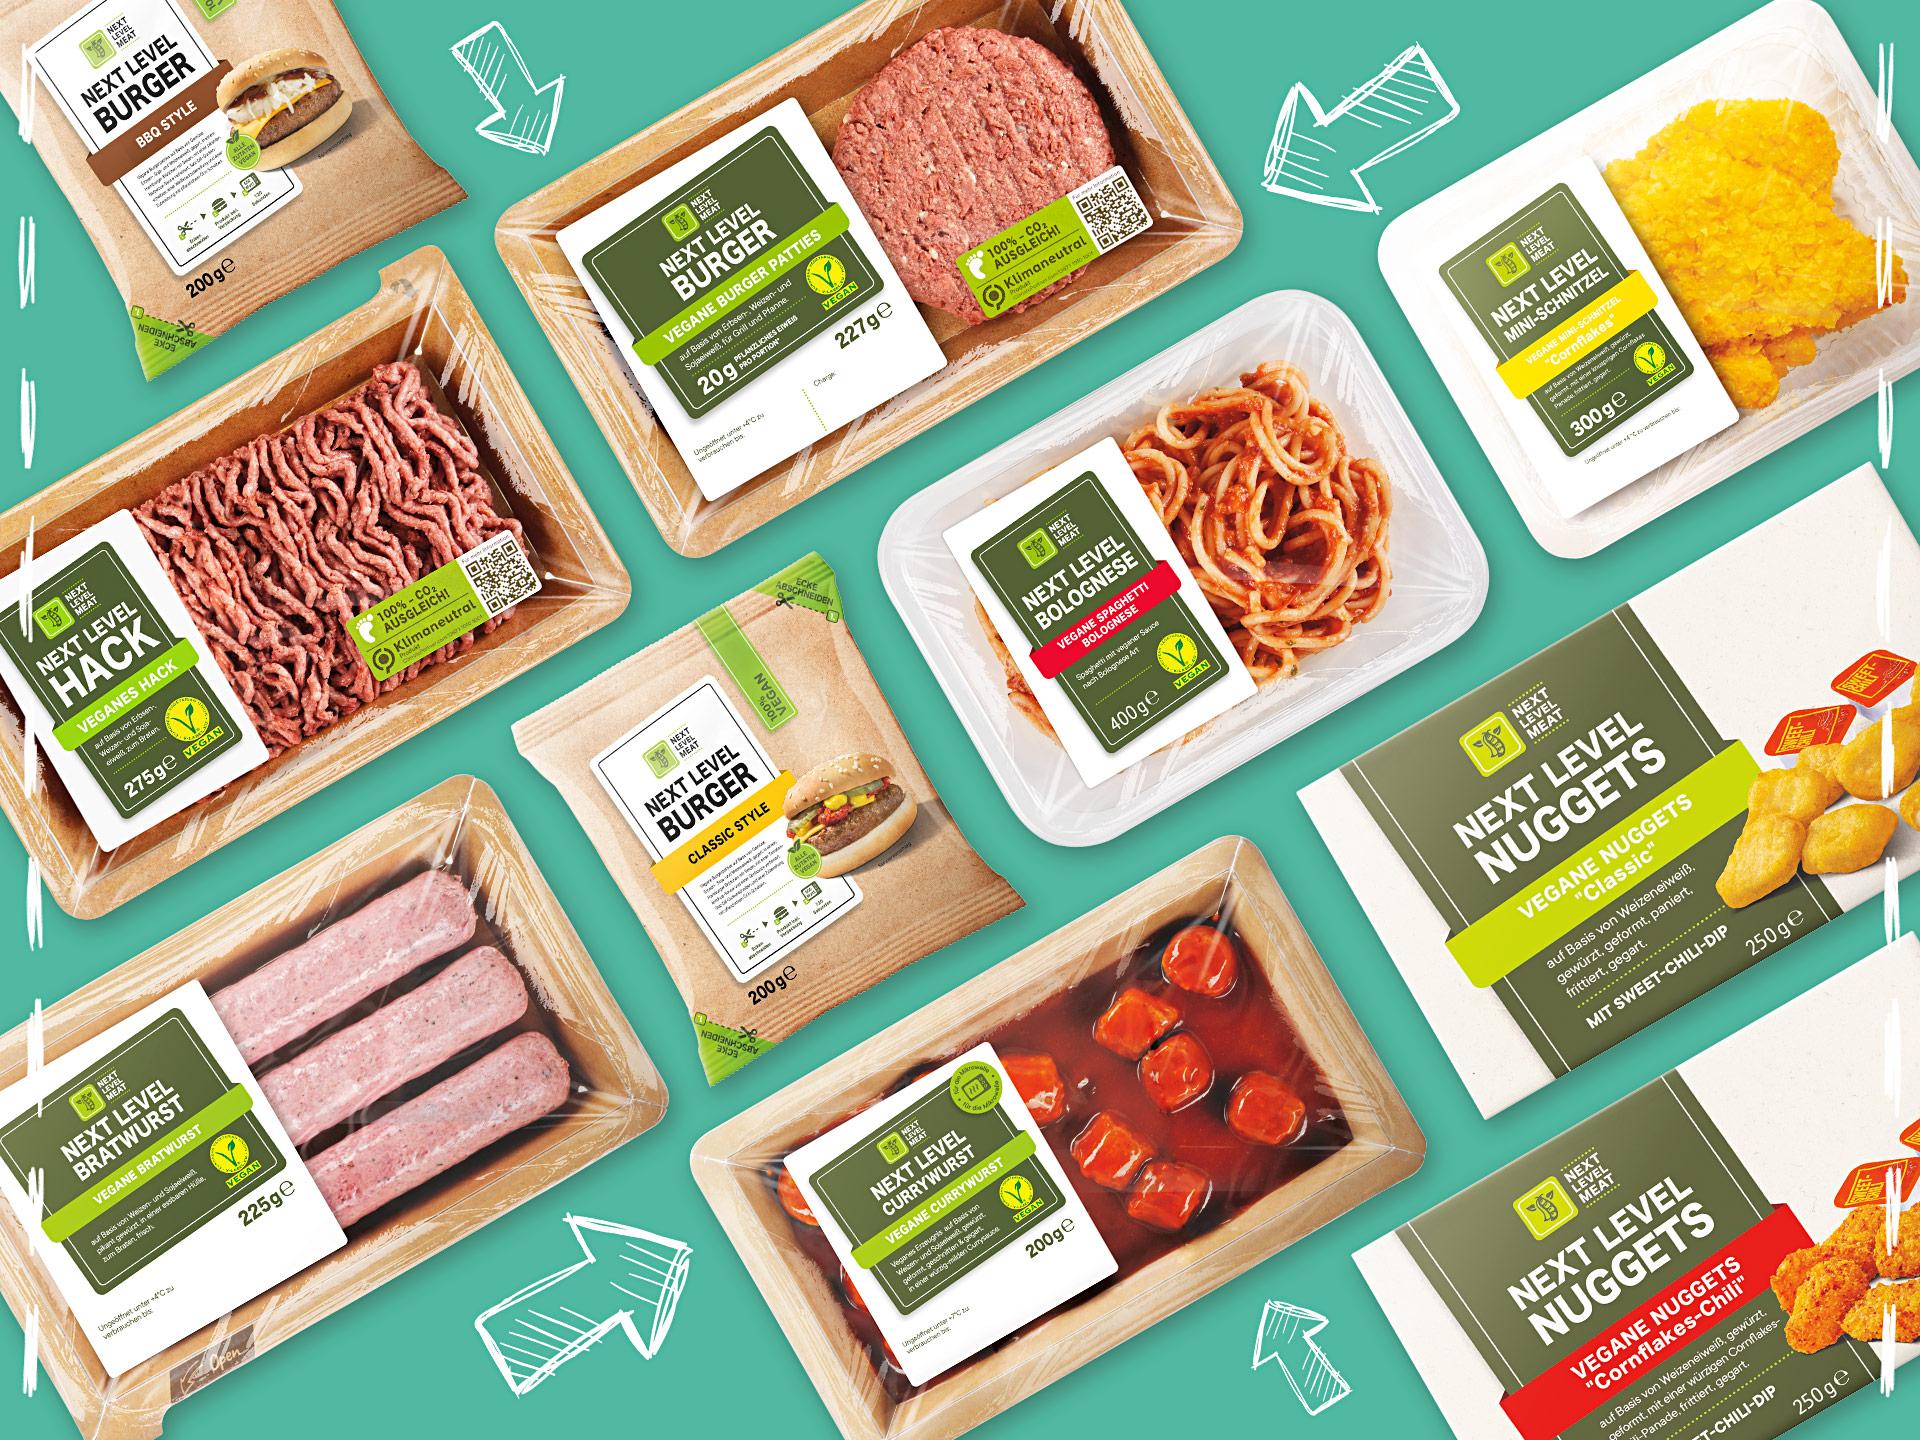 Lidl bringt Produkte aus dem Vegan-Workshop in die Filialen - ganzheitlicher Ansatz für mehr Nachhaltigkeit